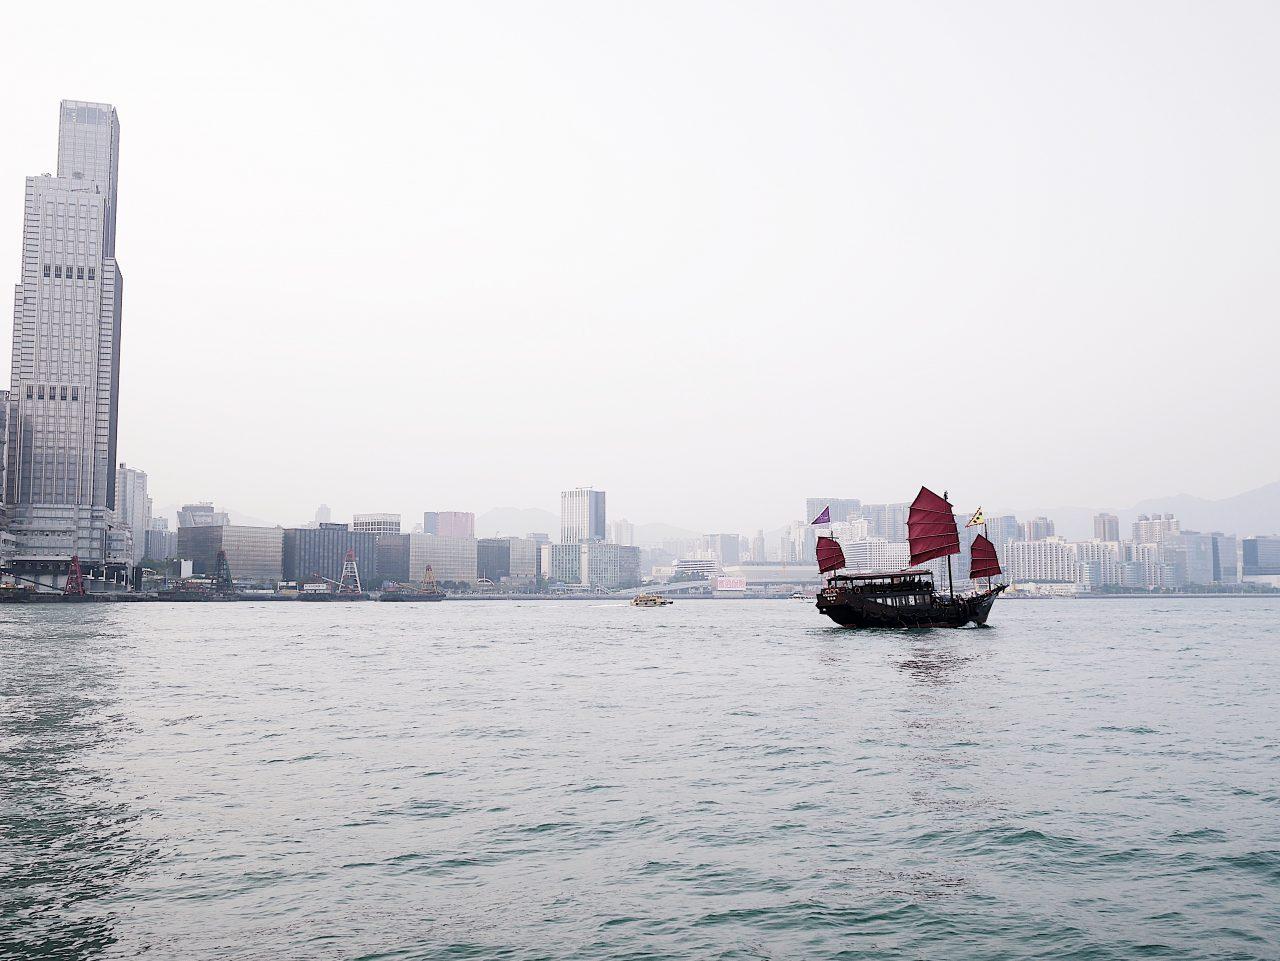 Harbor Cruise in Hong Kong